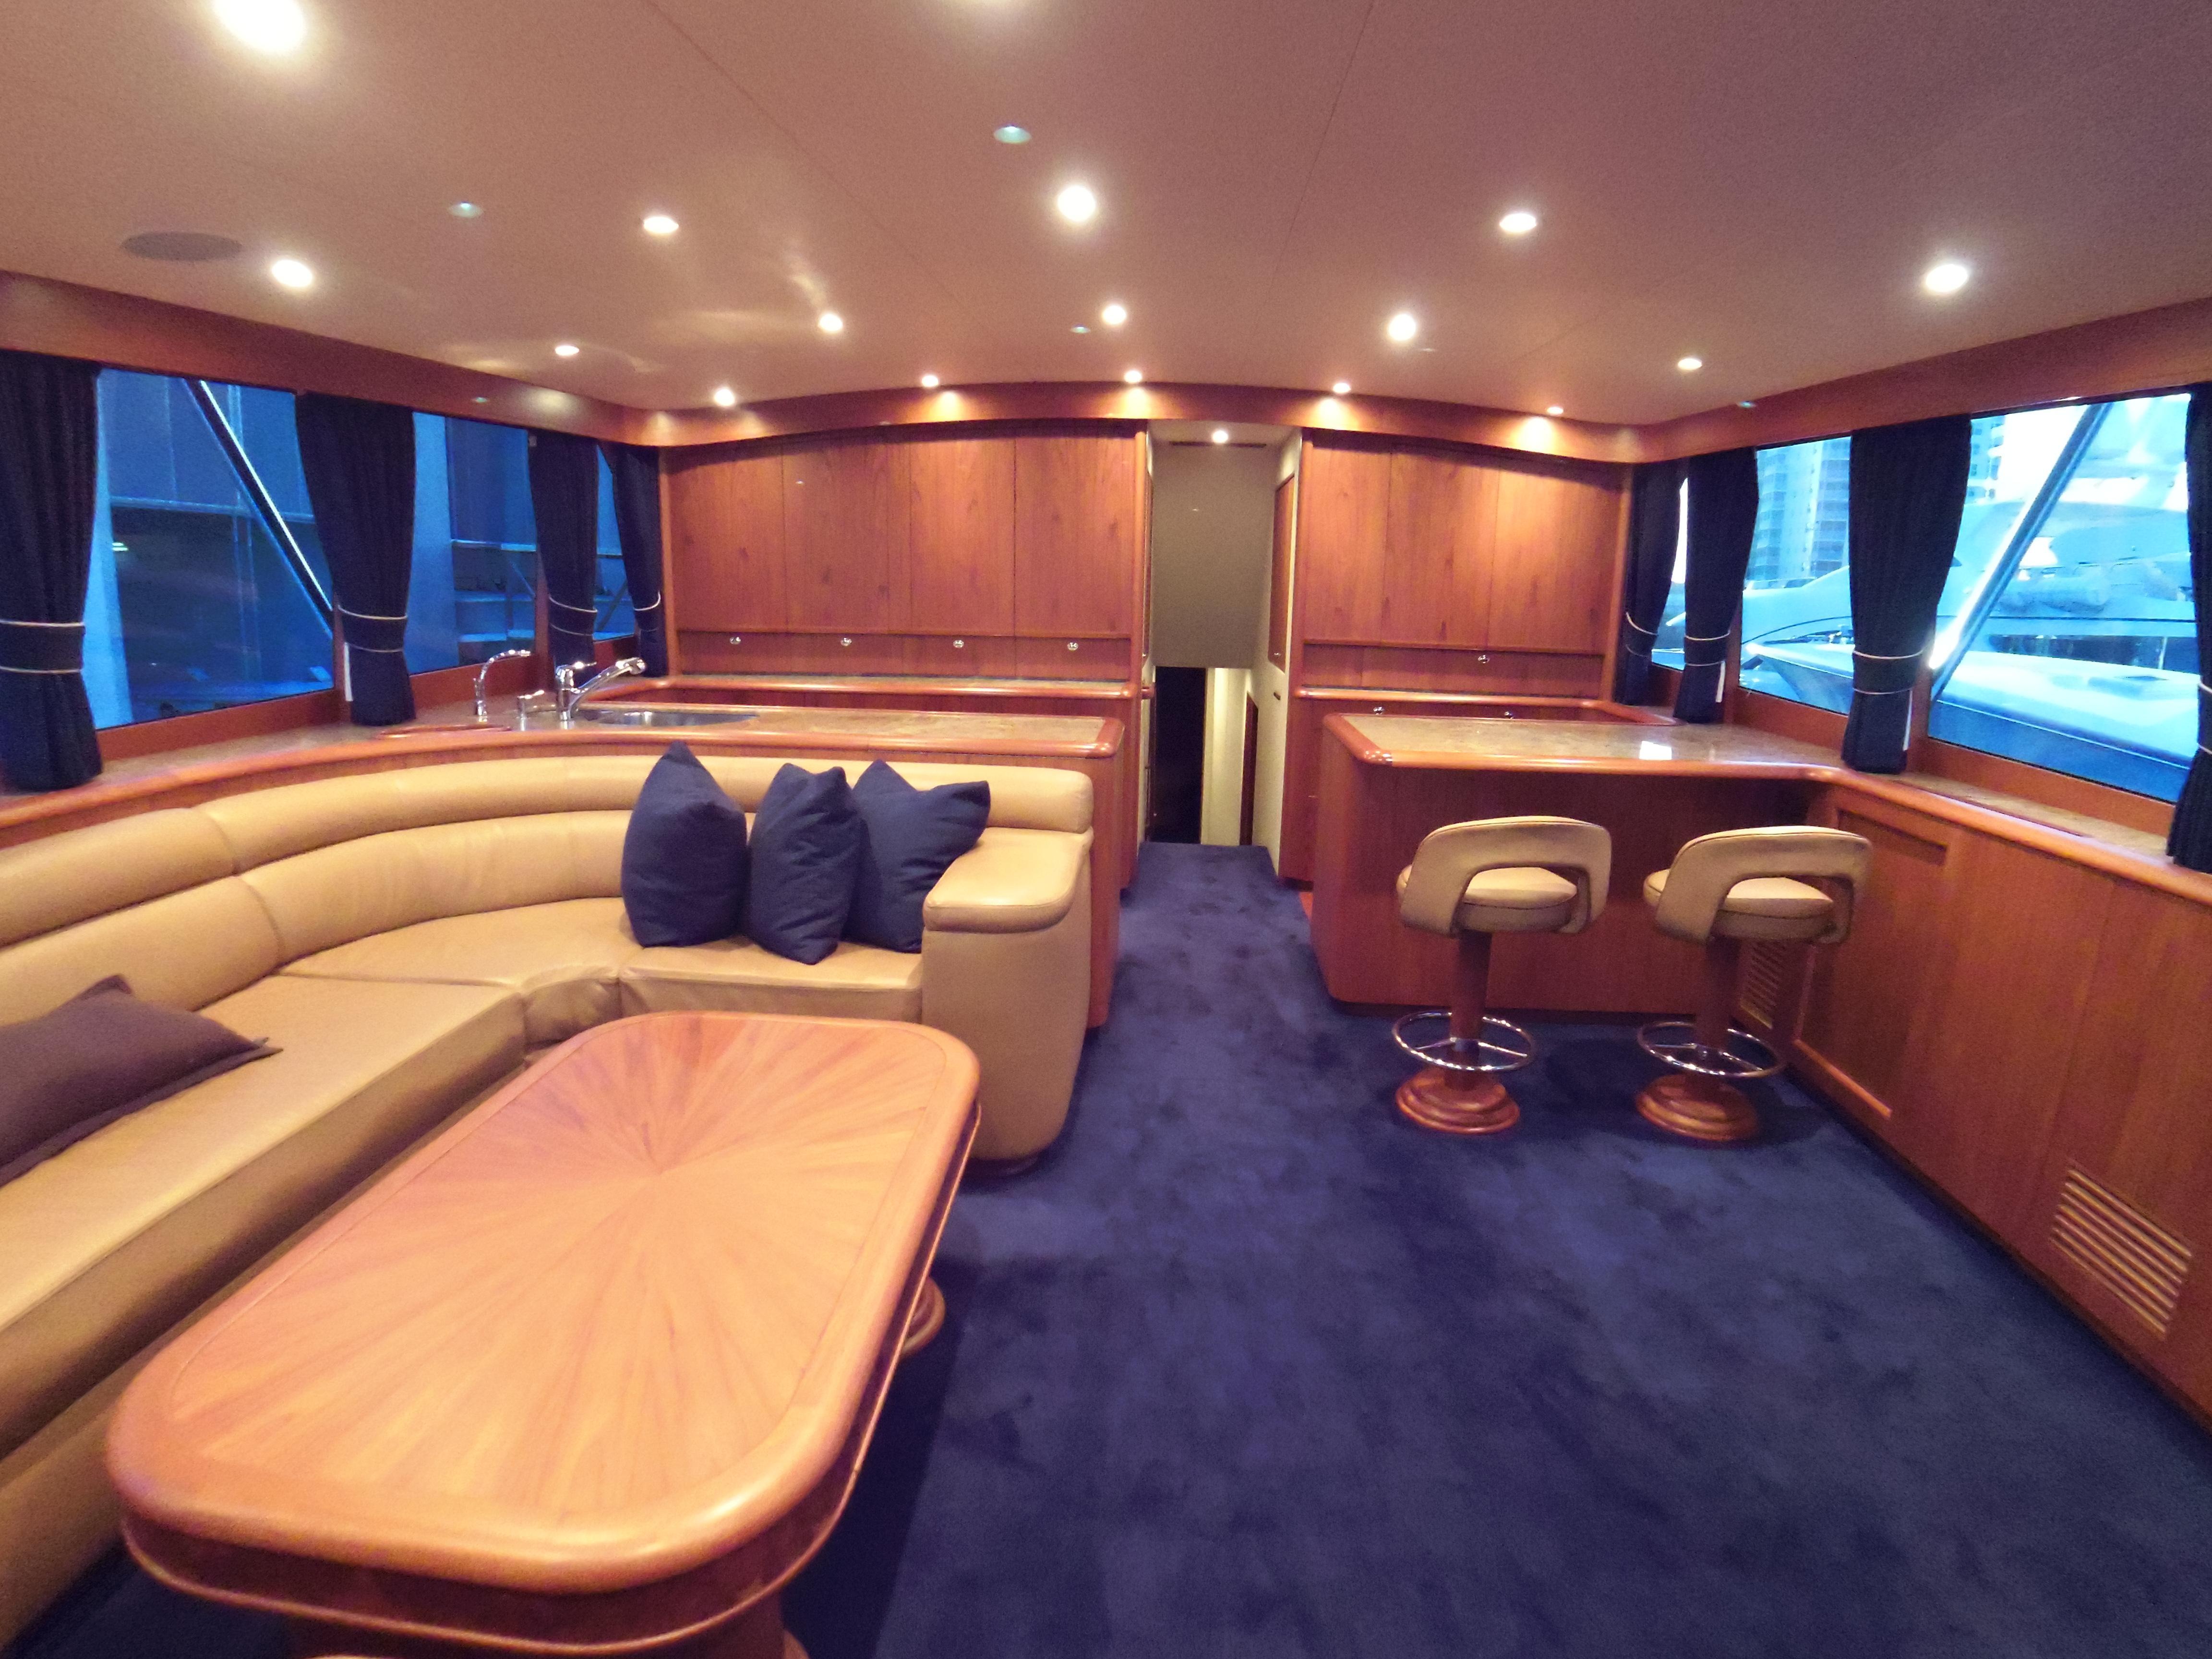 72 merritt 2003 georgie girl for sale in pompano beach for 72 hatteras motor yacht for sale